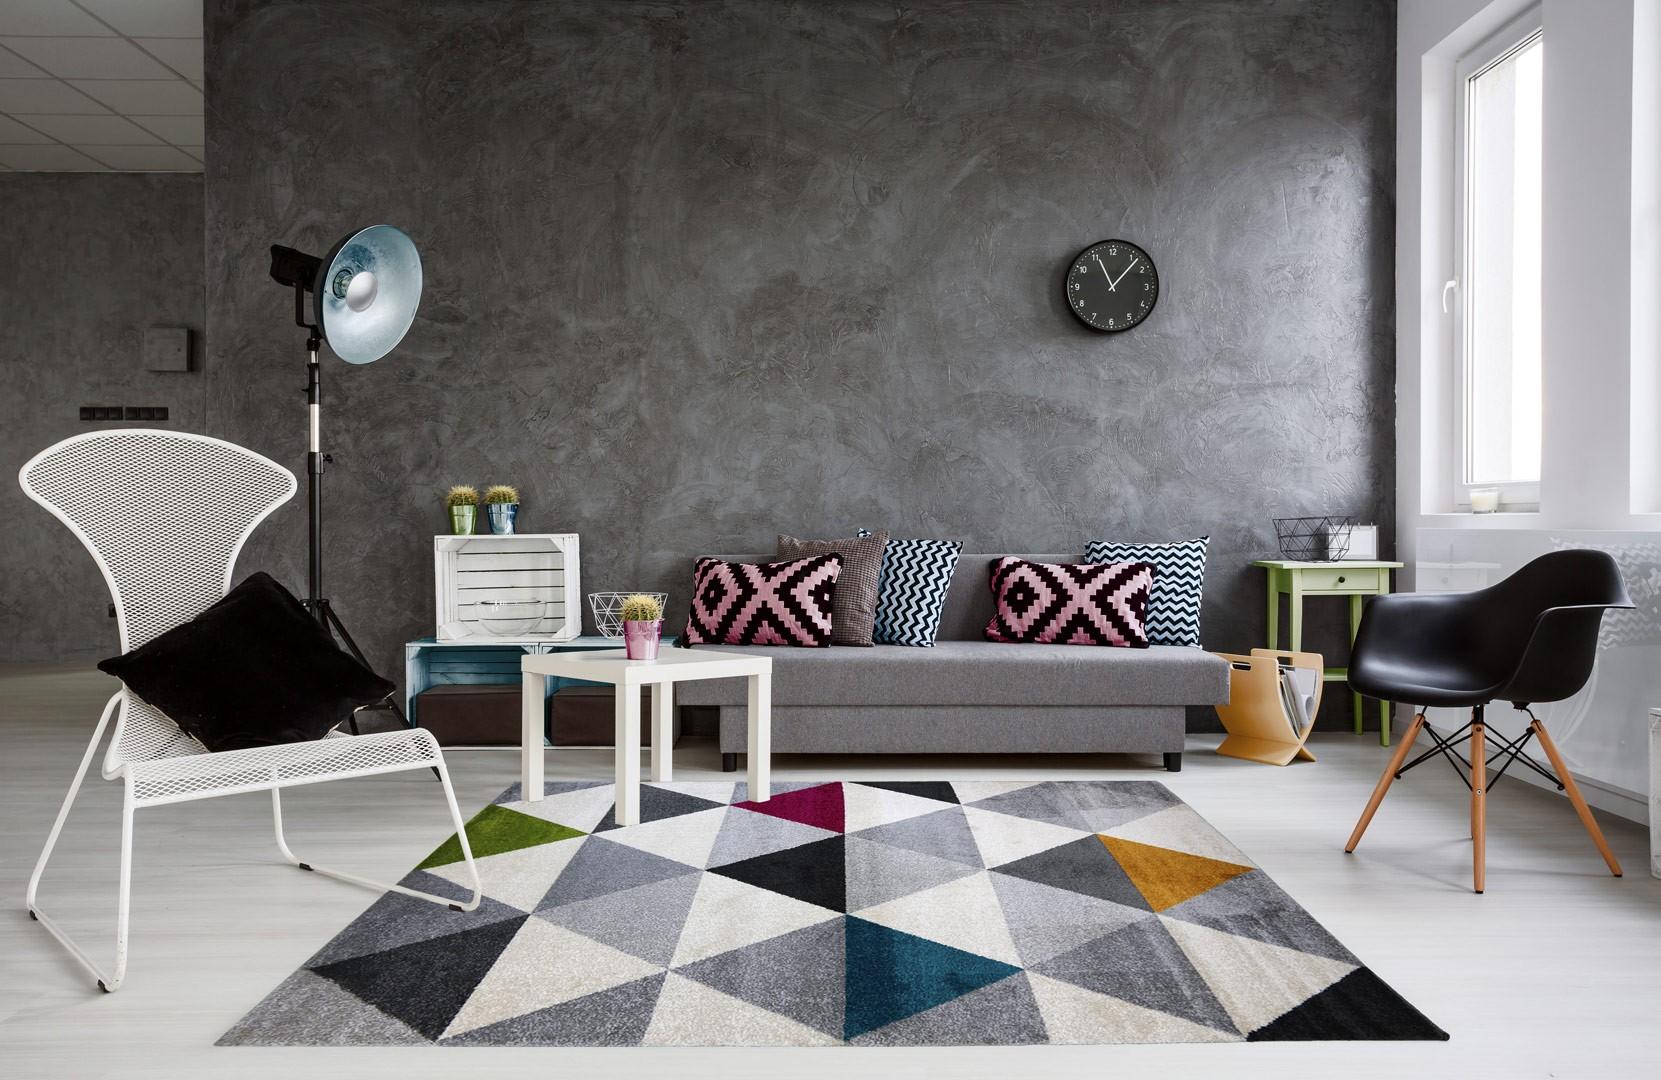 Tapis Salon Style Industriel - Décoration de maison idées de design ...